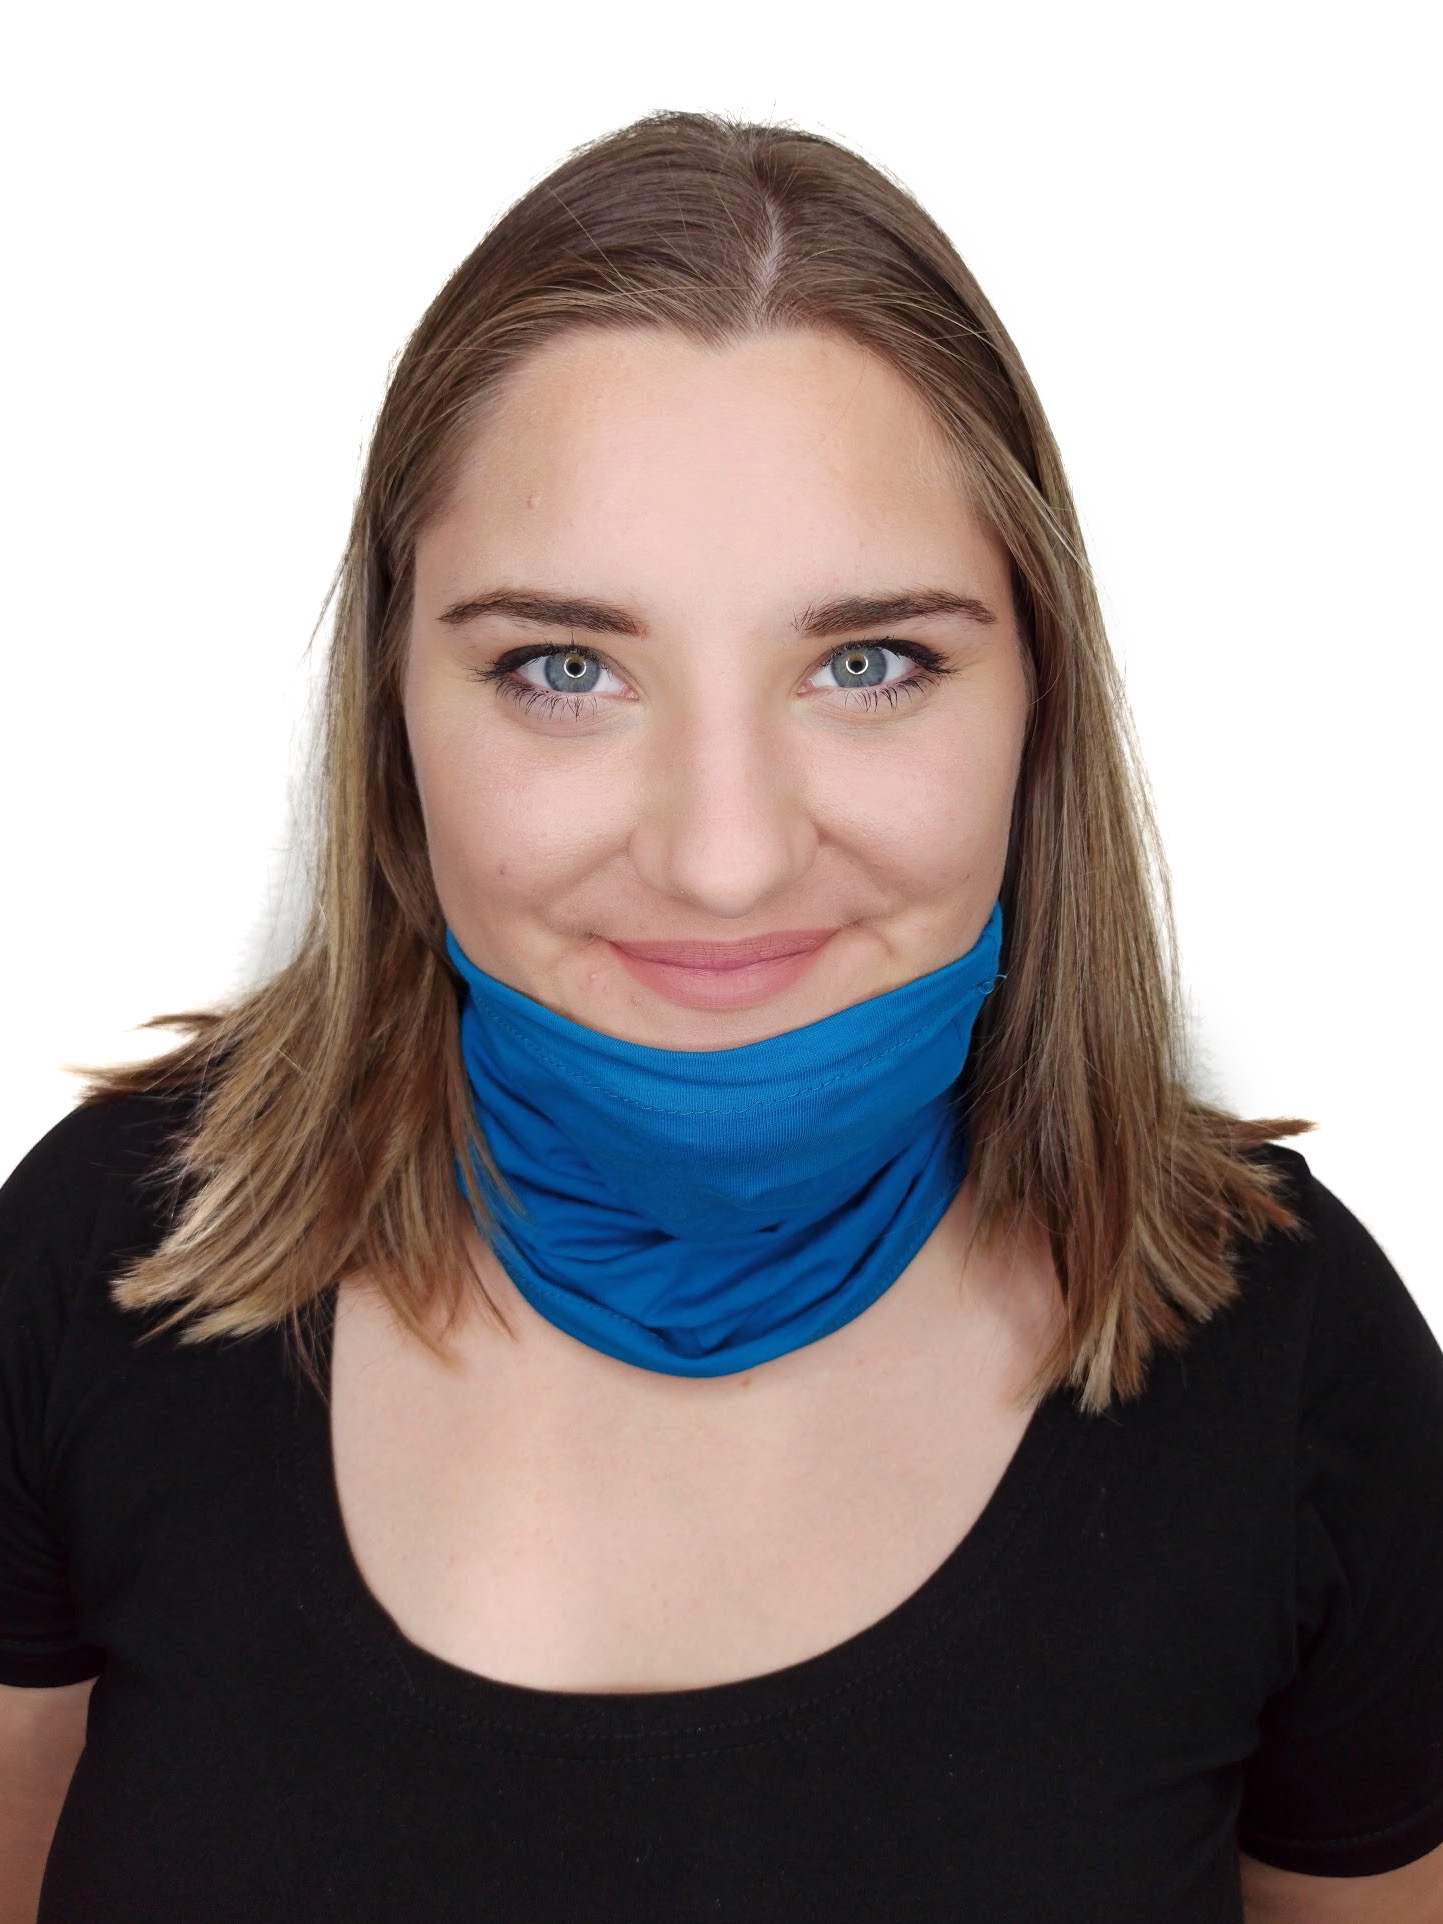 Multifunkční šátek, tunel, nákrčník, tmavý tyrkys, pro děti